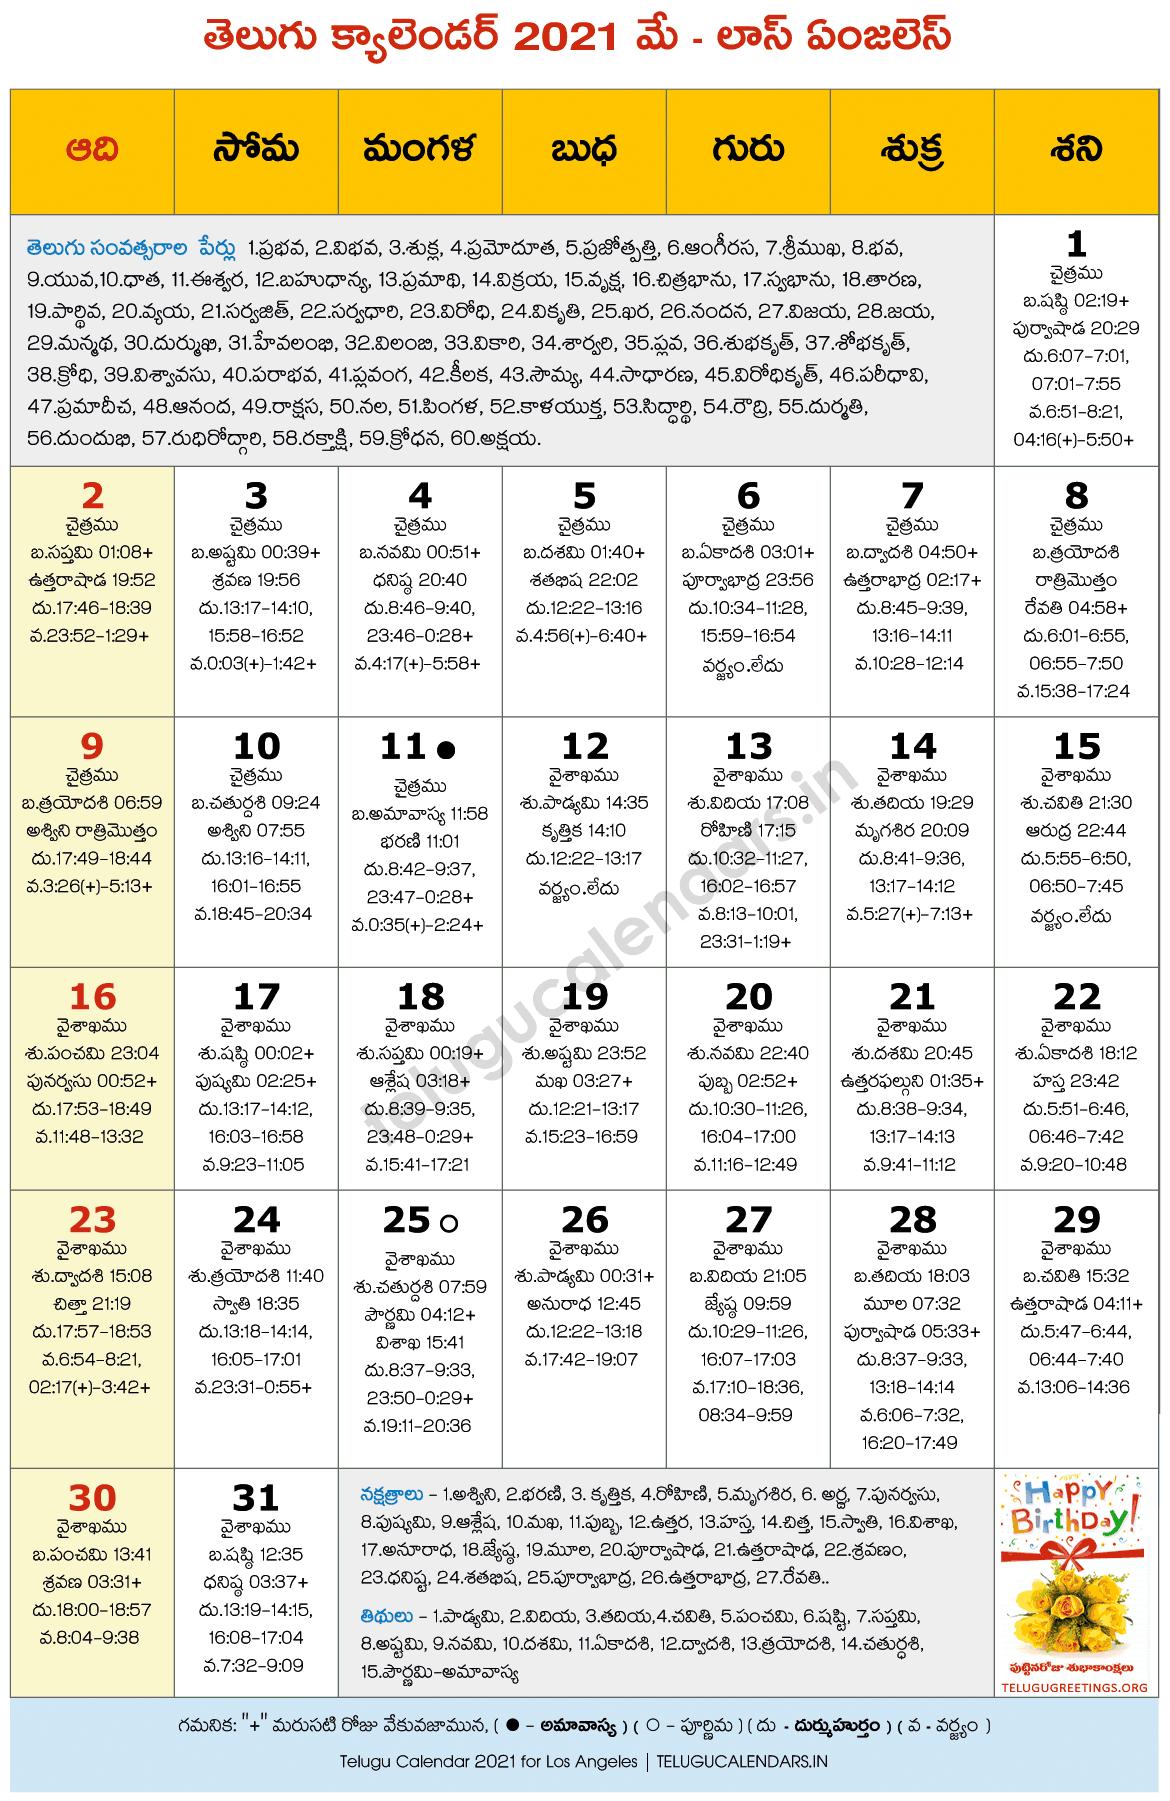 Los Angeles 2021 May Telugu Calendar | Telugu Calendars